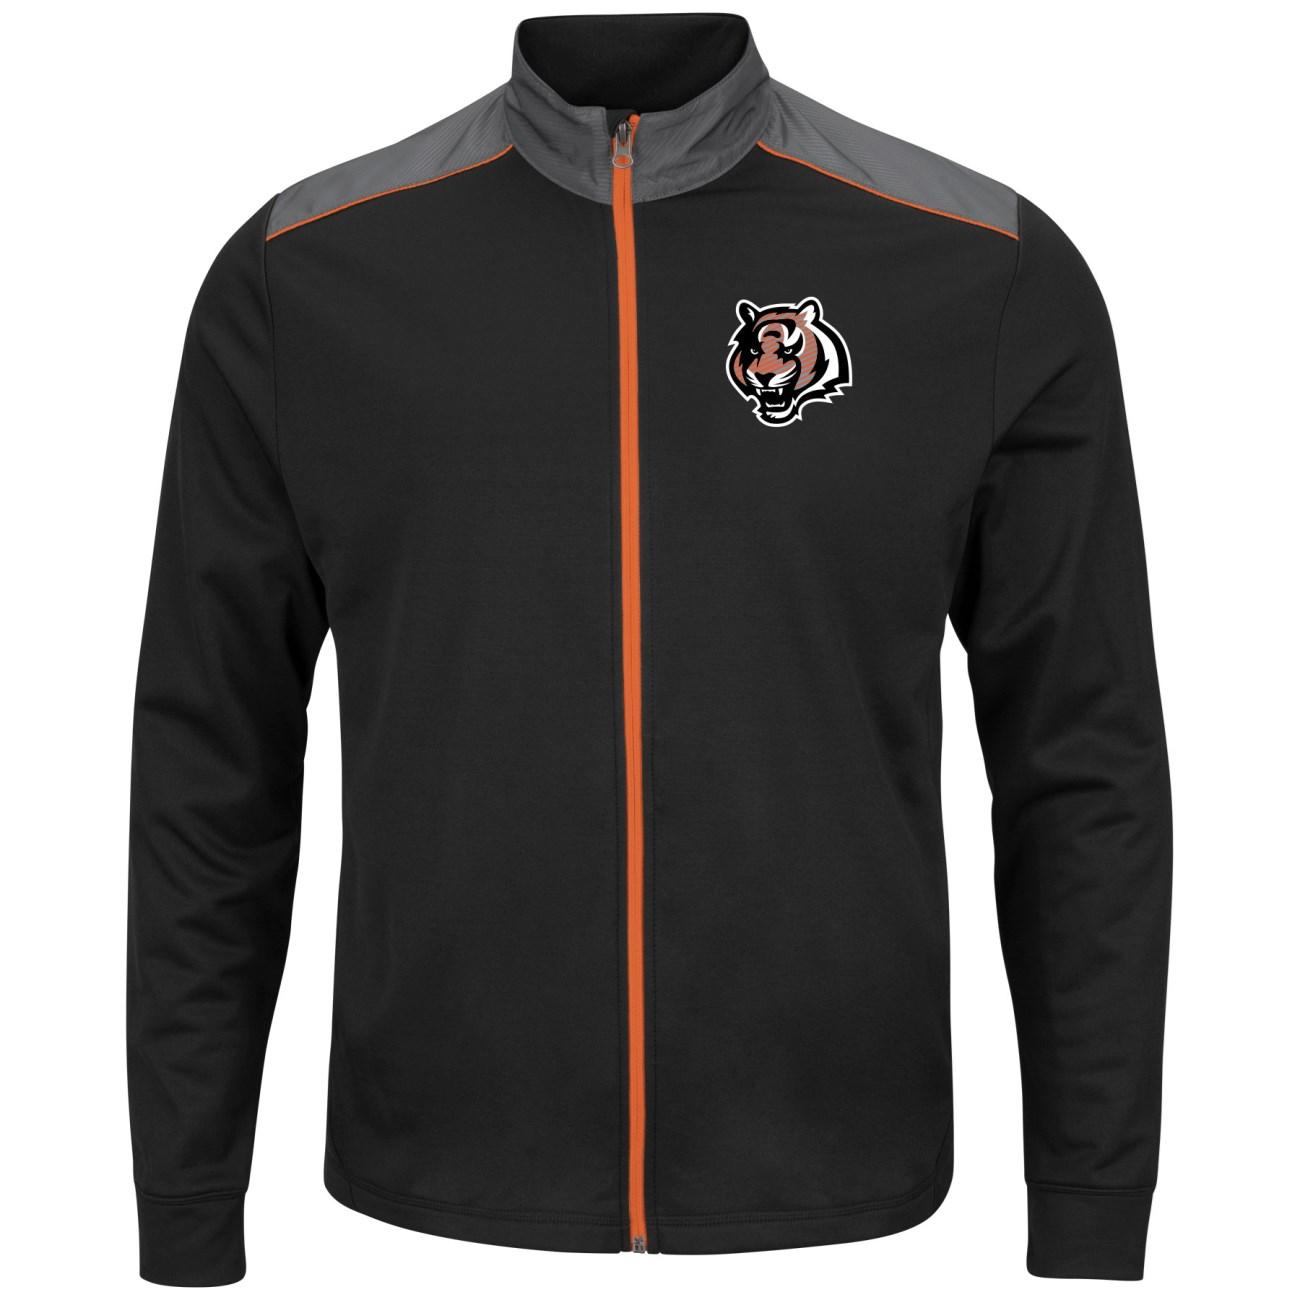 """Cincinnati Bengals Majestic NFL """"Team Tech"""" Men's Full Zip Jacket Sweatshirt by Majestic"""